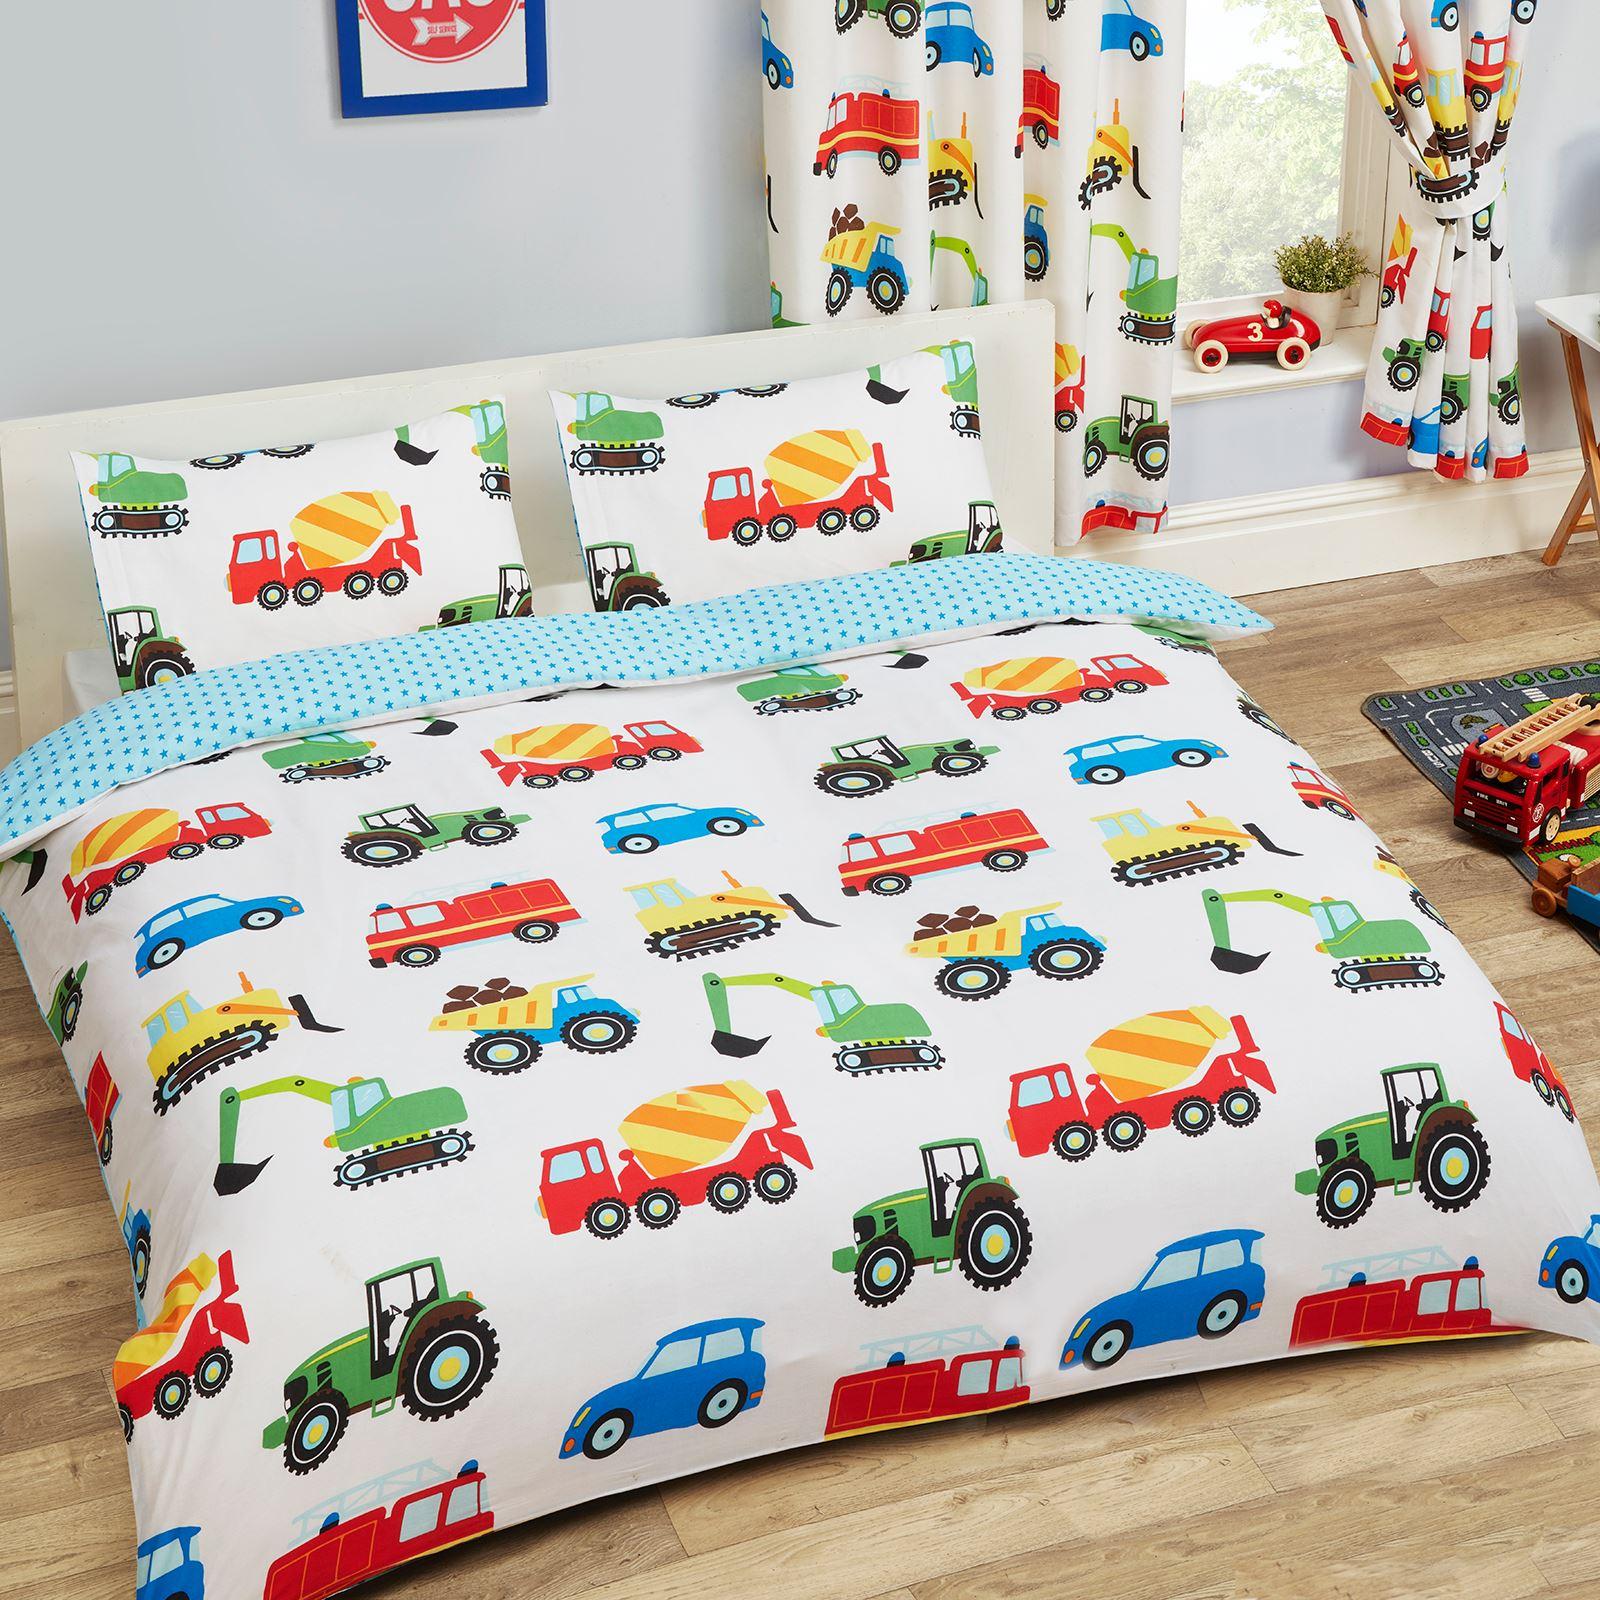 enfants housse de couette double ensembles dinosaures arm e oiseaux licorne ebay. Black Bedroom Furniture Sets. Home Design Ideas